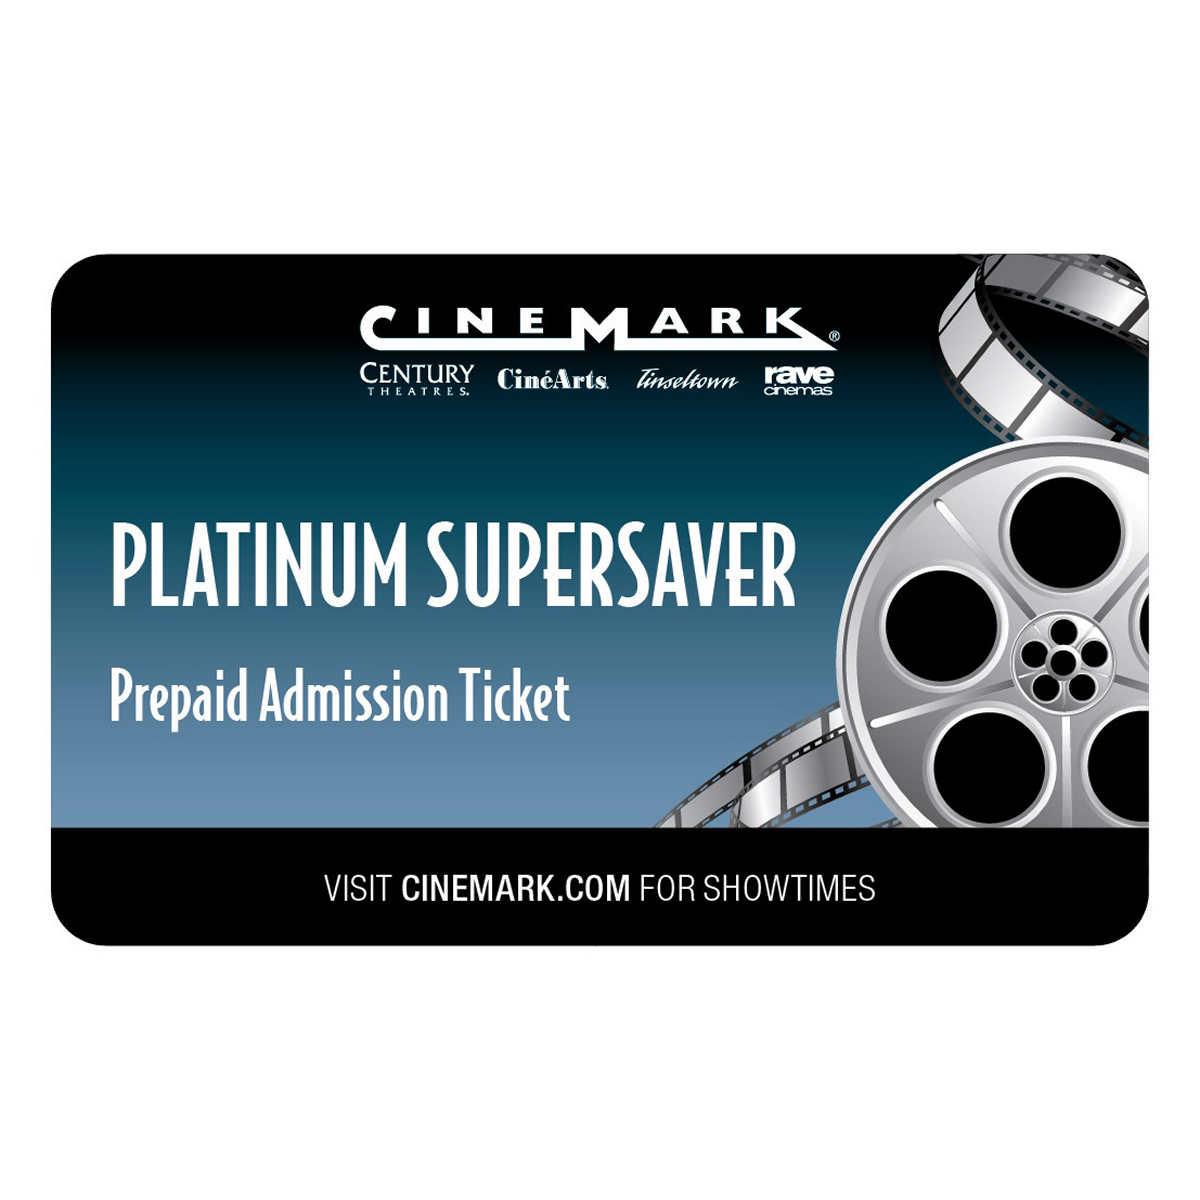 Cinemark Theatres Platinum Supersaver Movie eTickets, 4-pack